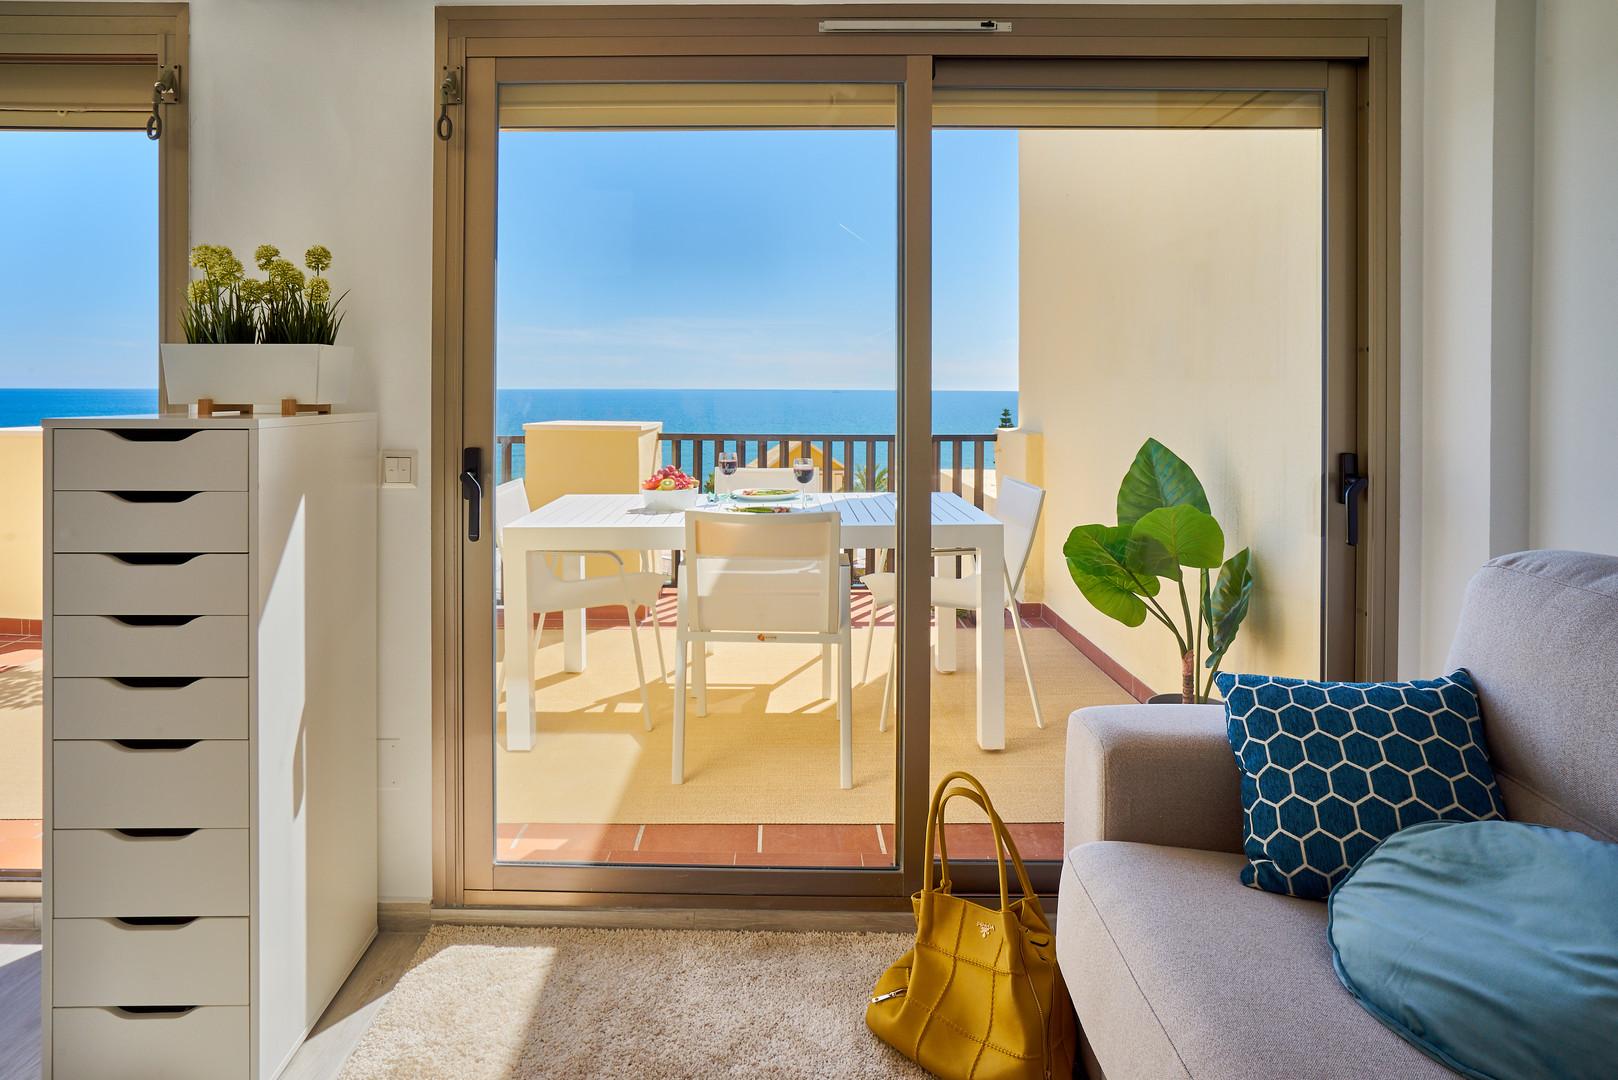 200 apartemento de playa Marbella.jpg